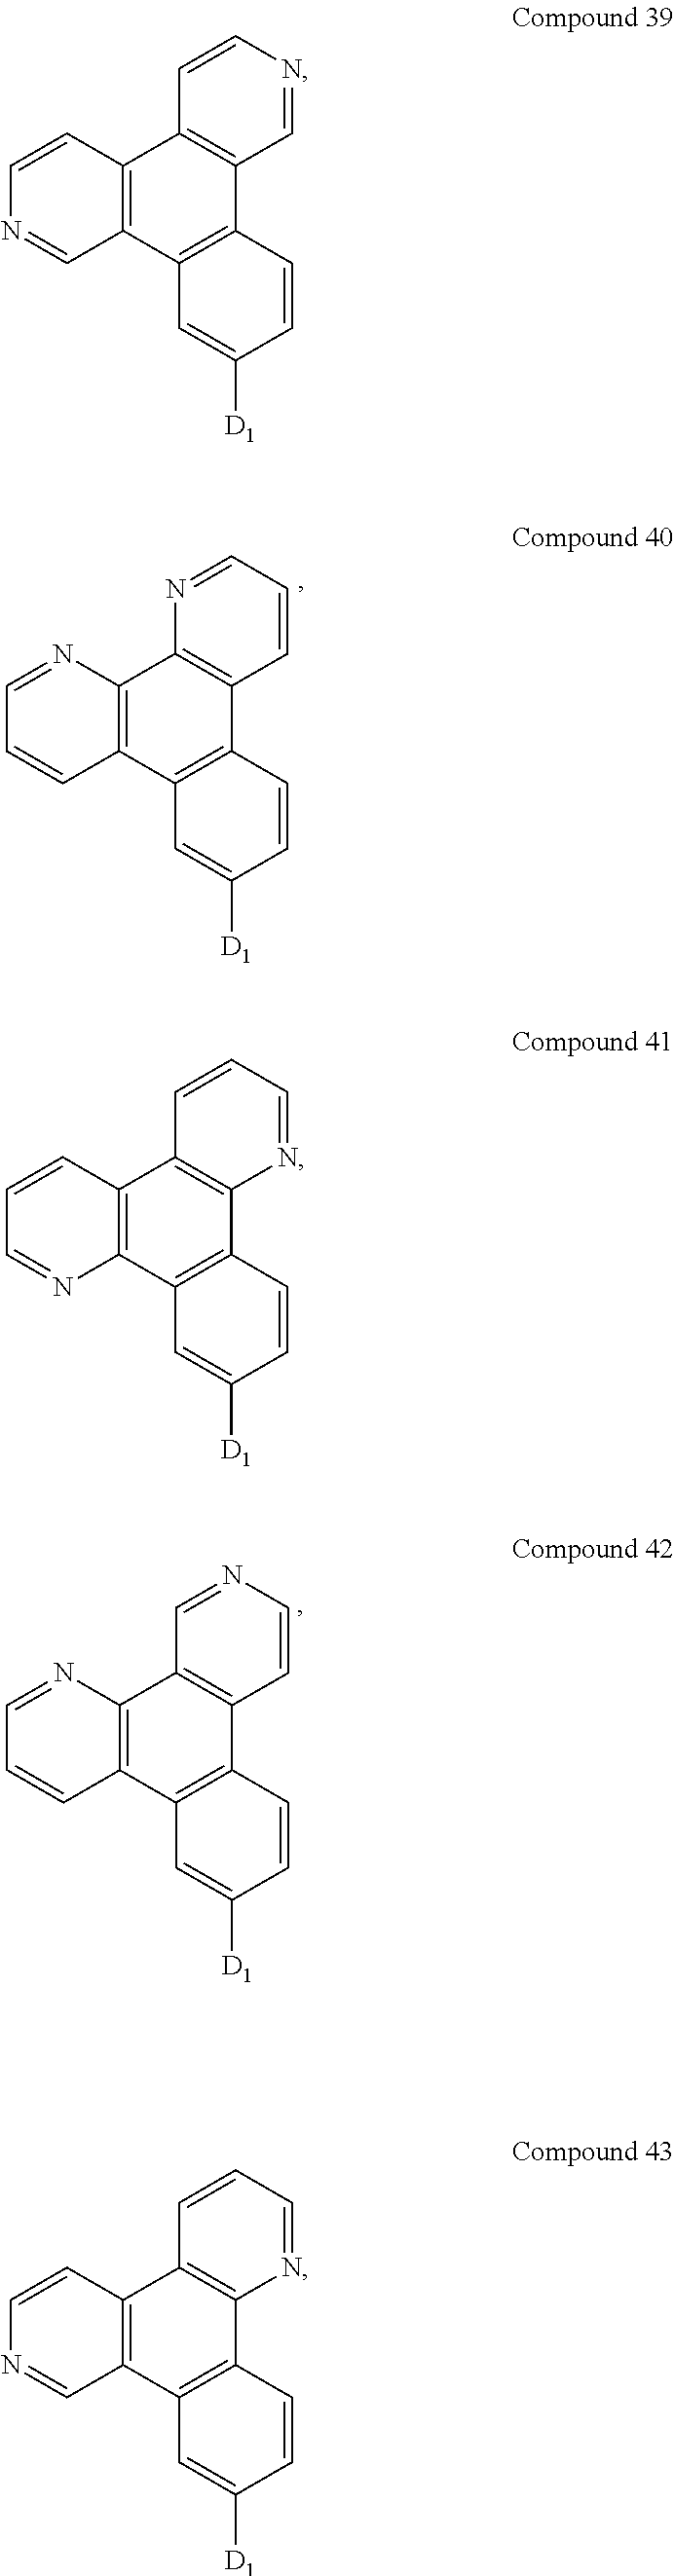 Figure US09537106-20170103-C00501